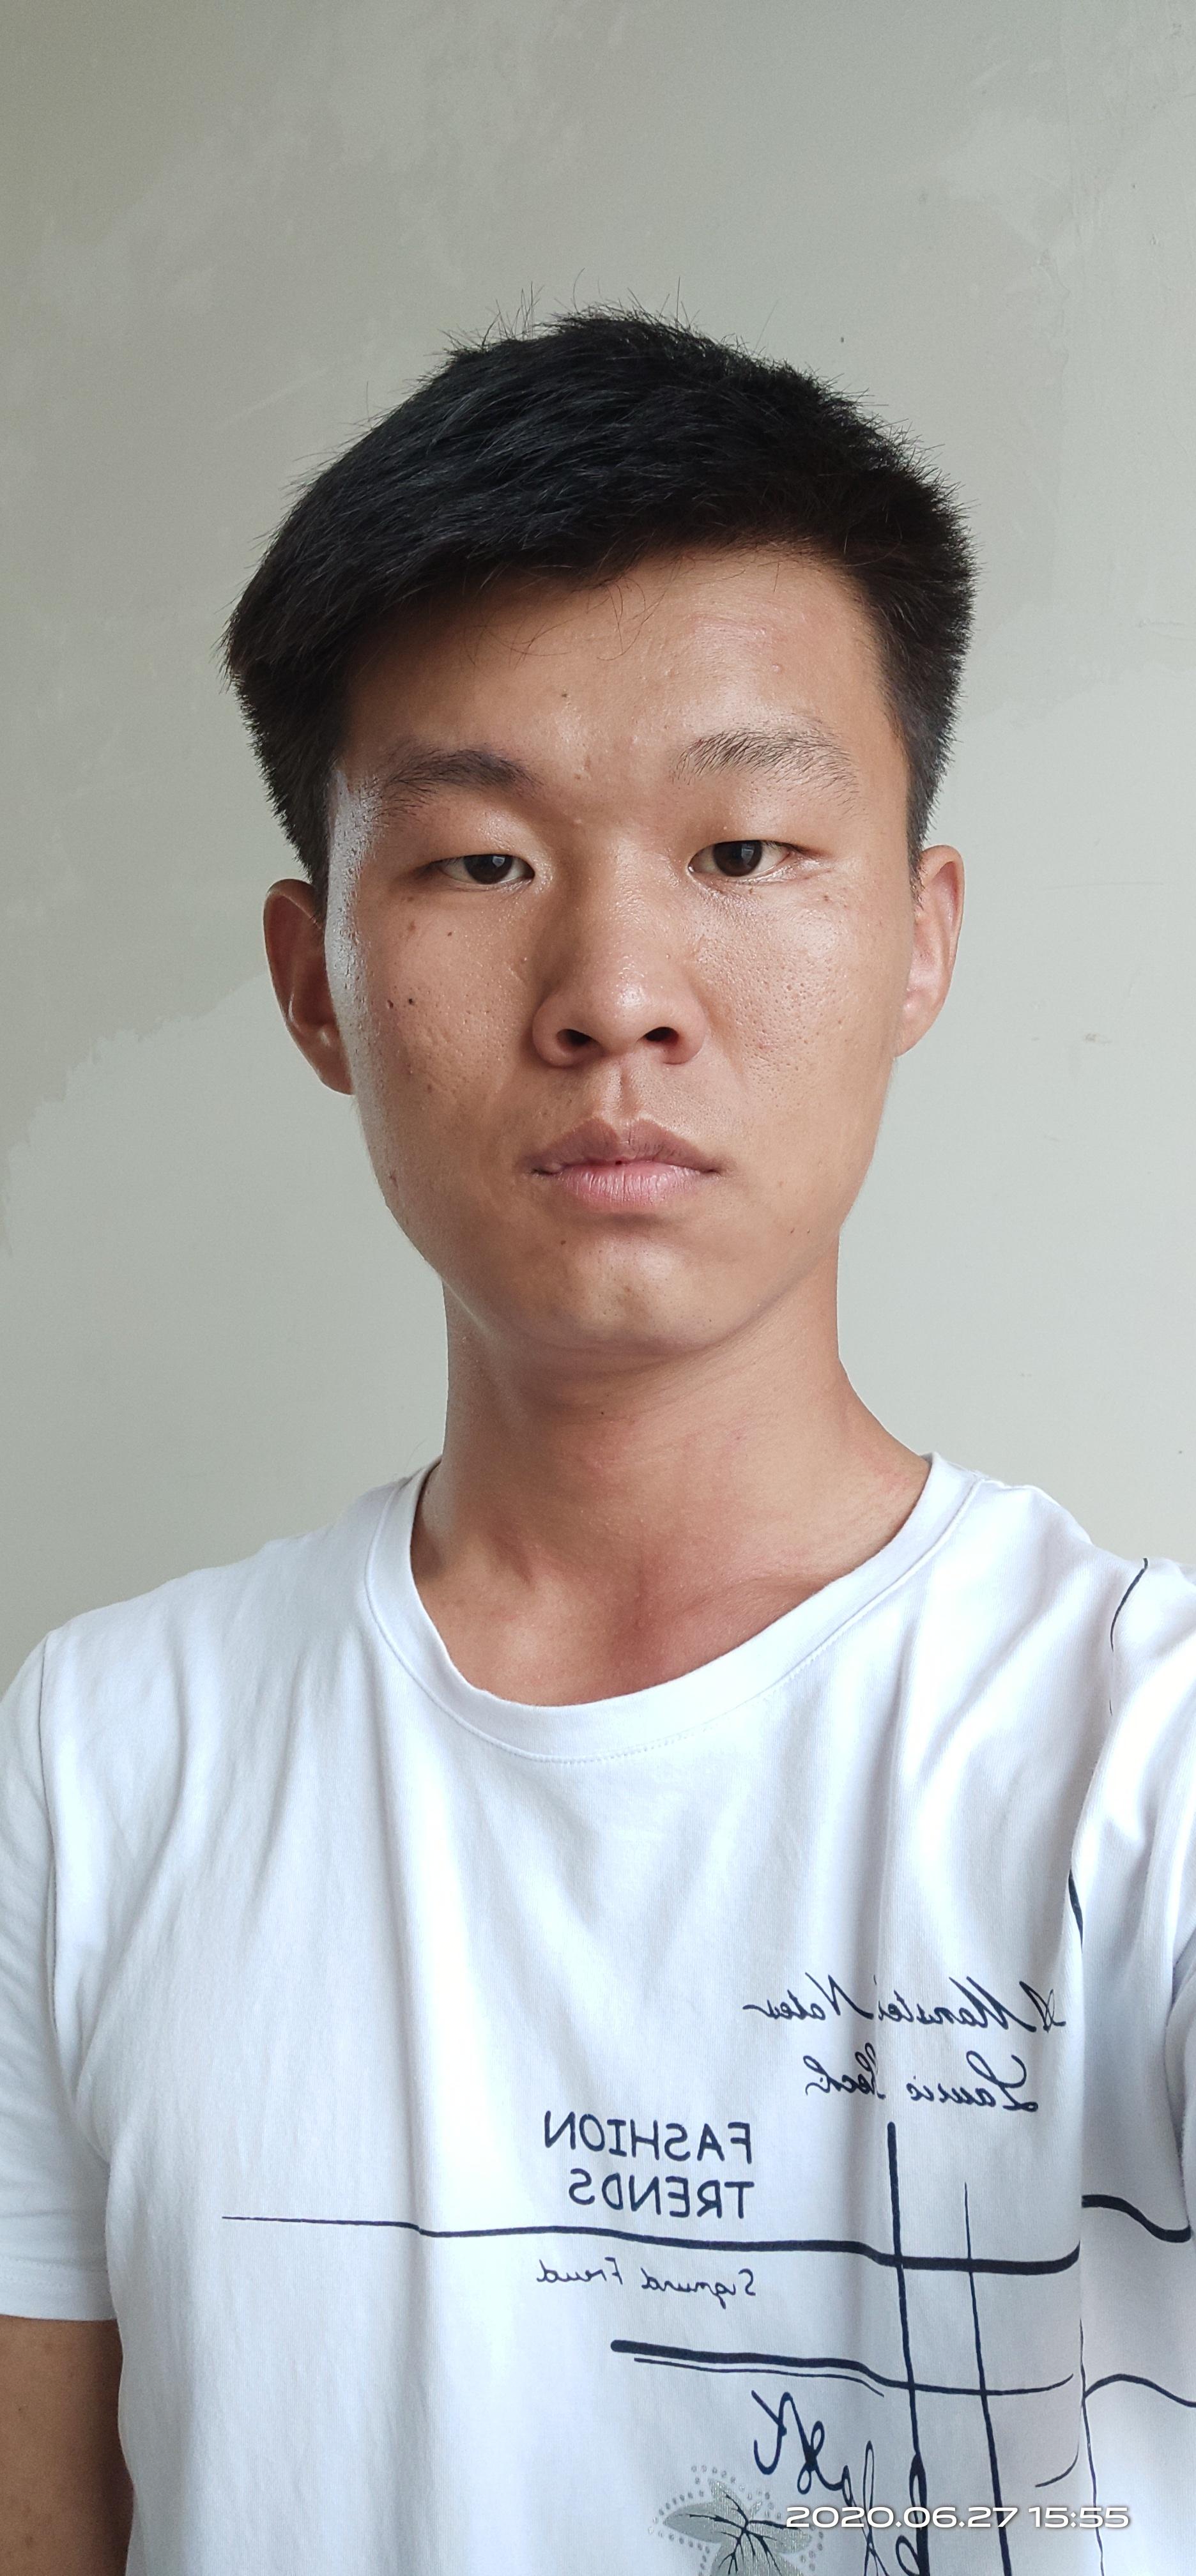 涡阳家教谭教员